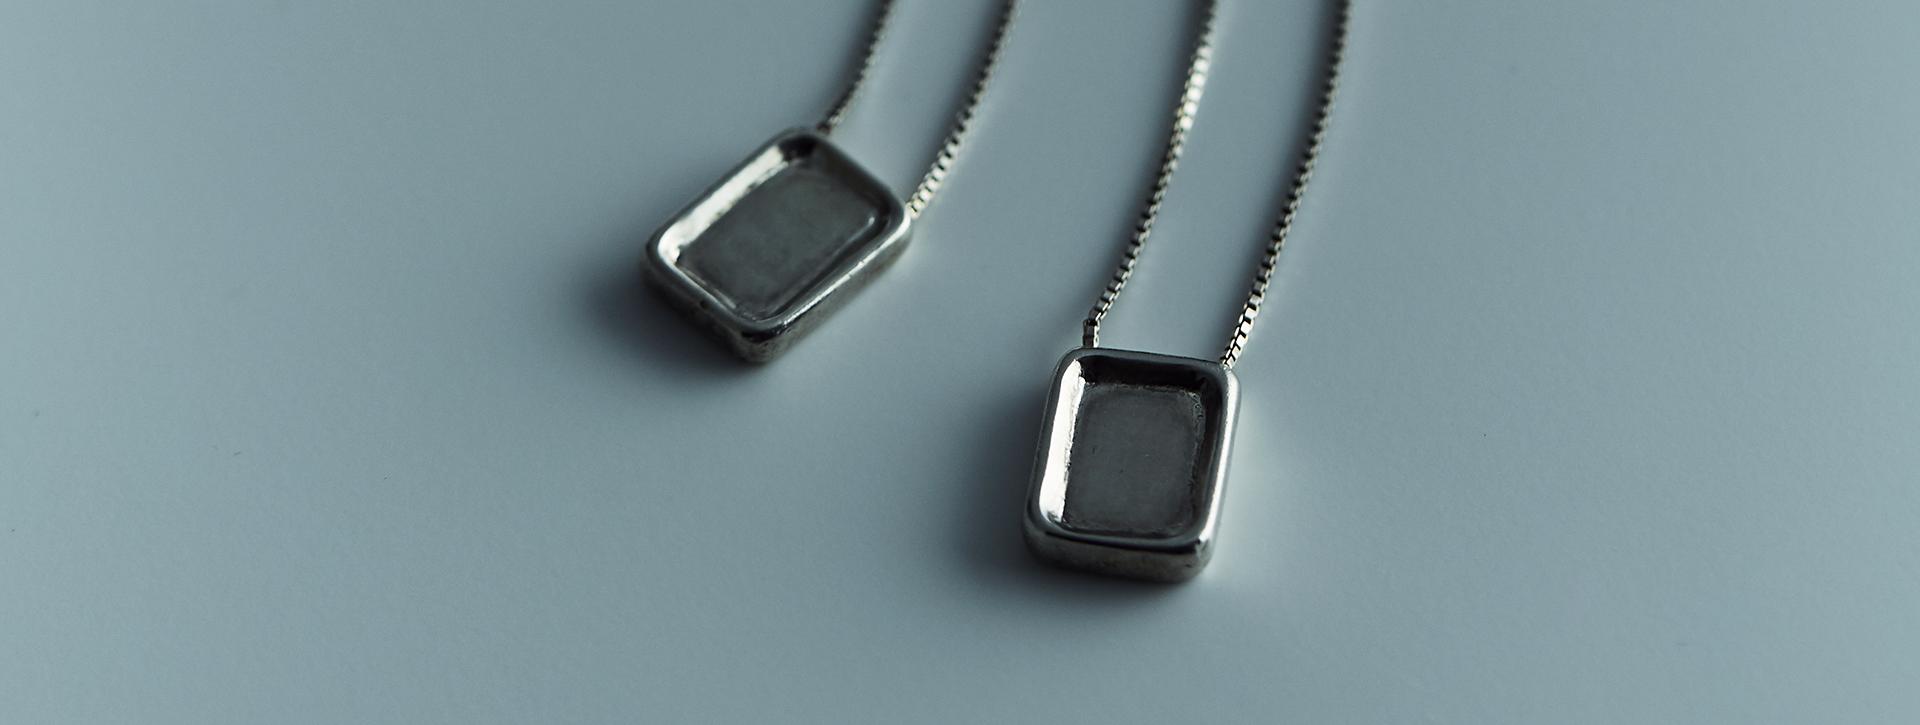 acecapulario necklace S